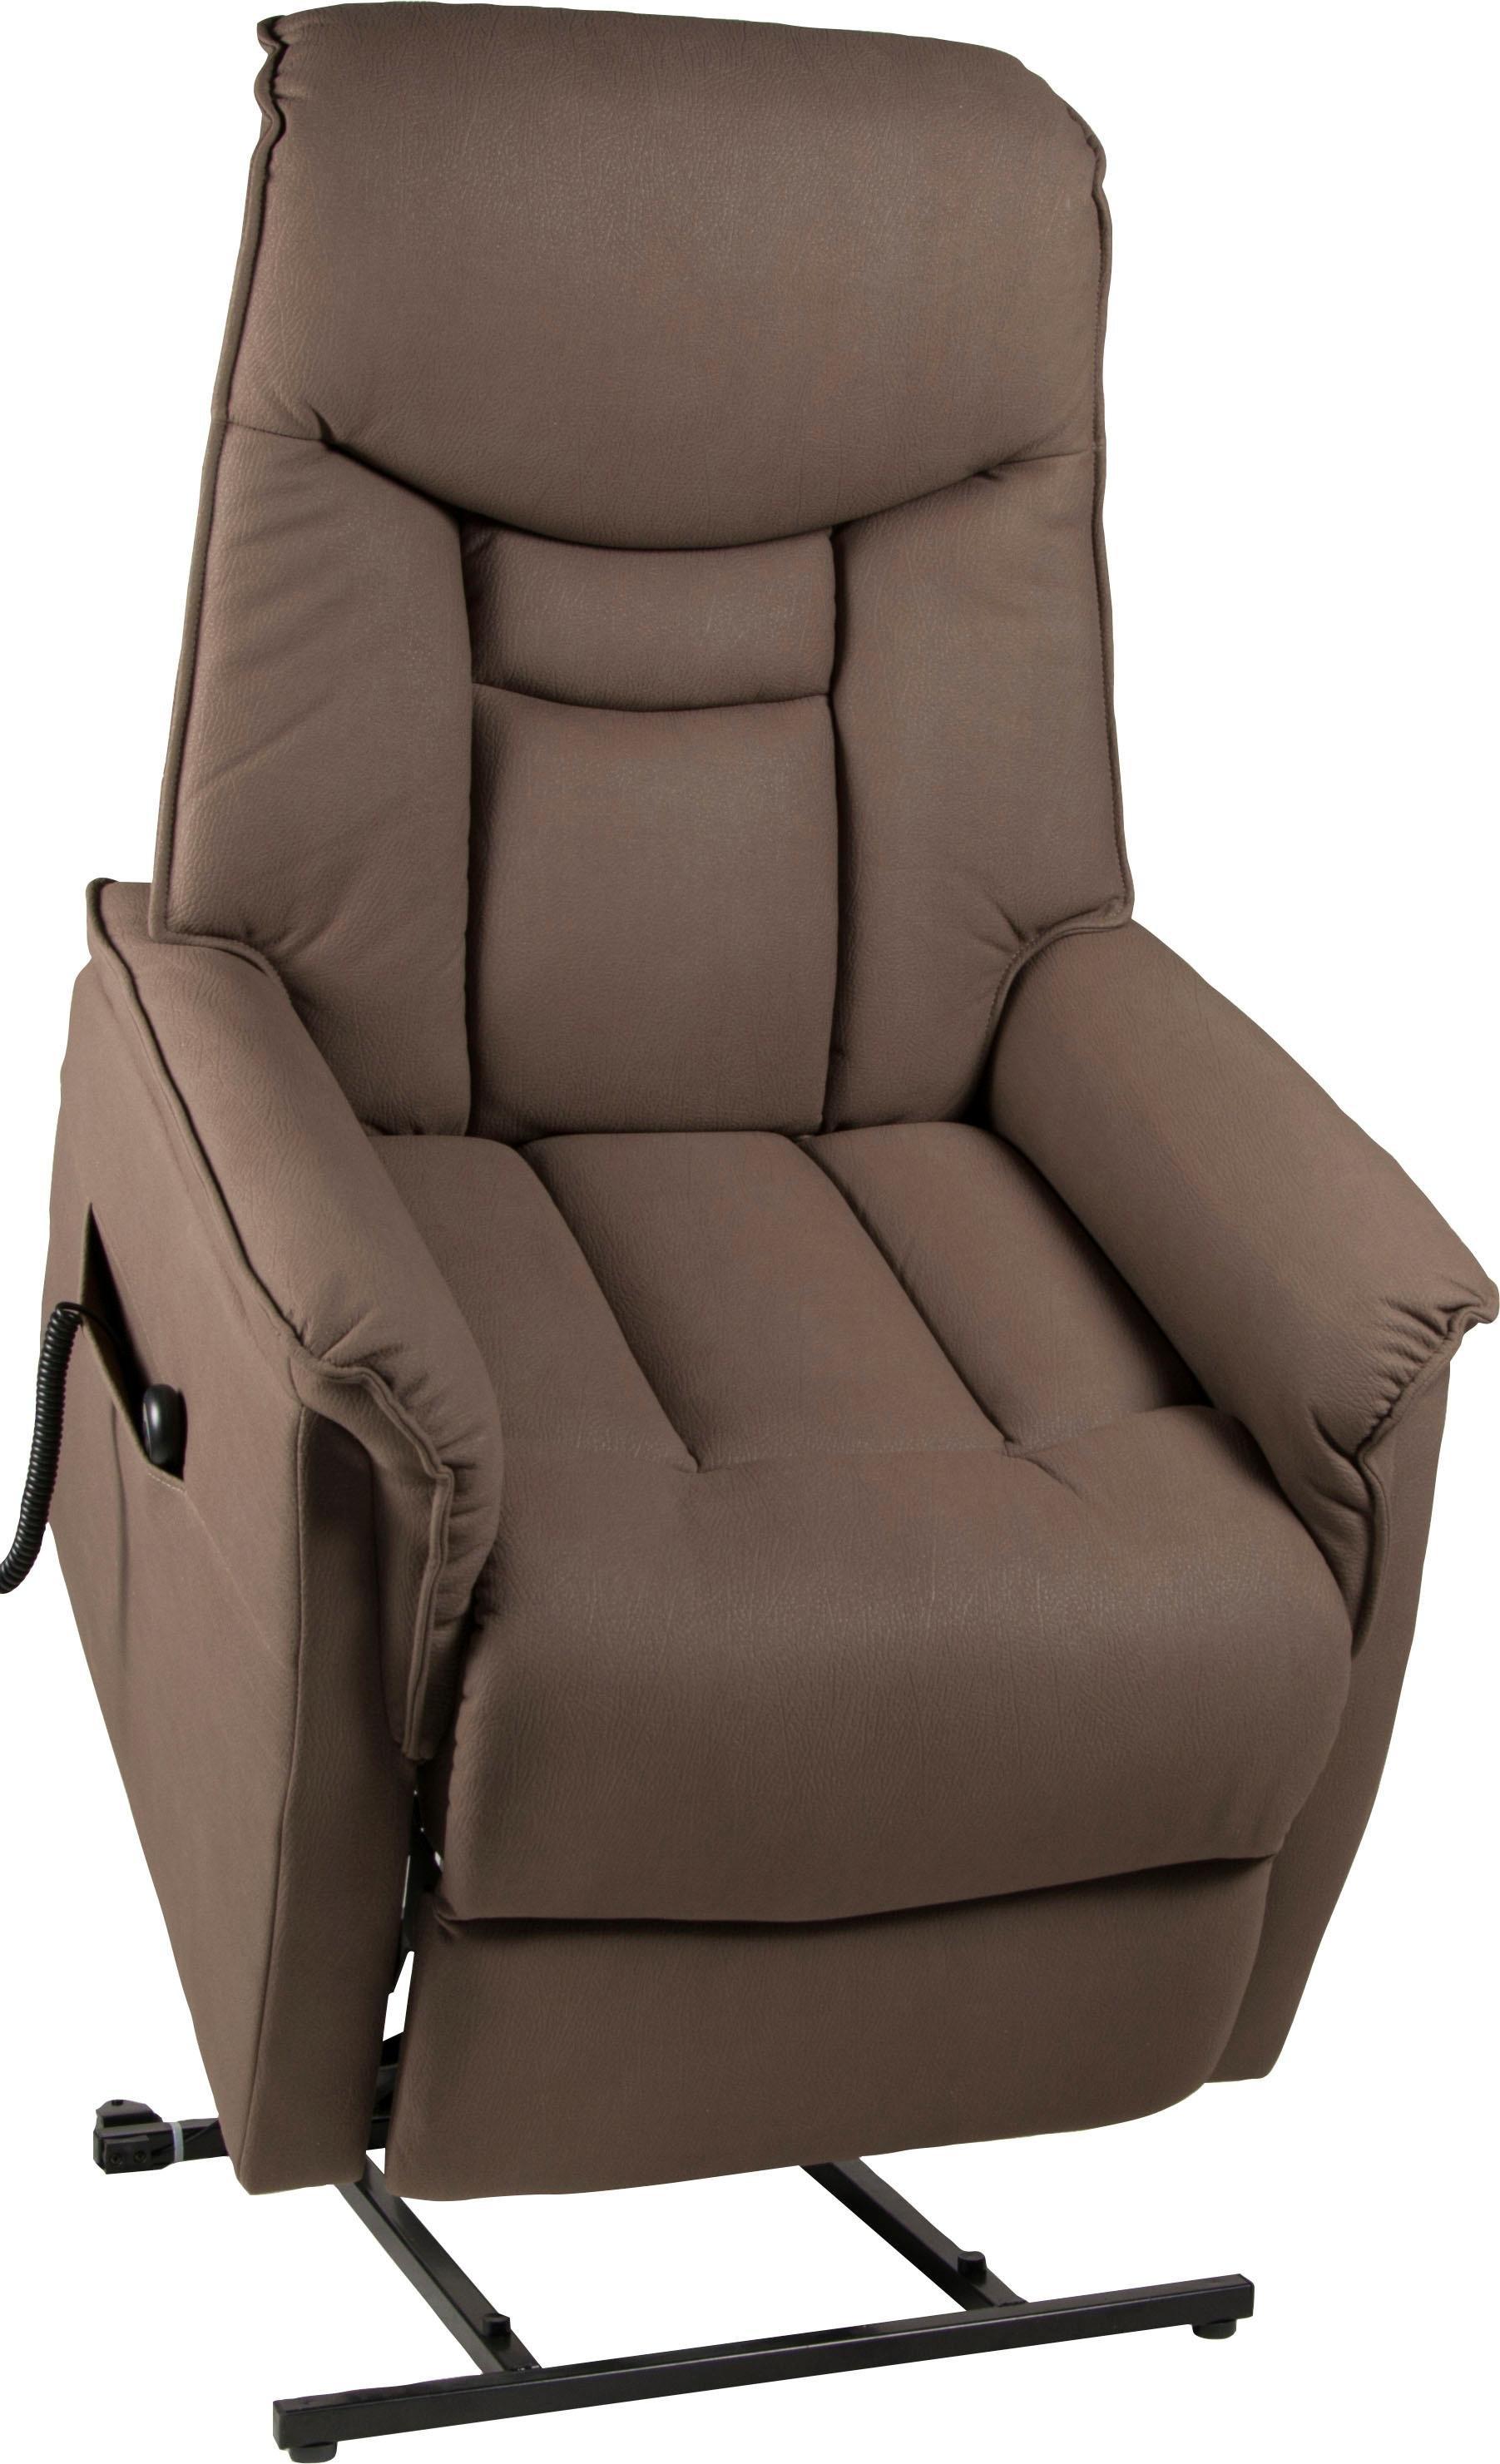 Duo Collection relaxfauteuil Londen XXL Tv-fauteuil met opstahulp tot 150 kg belastbaar goedkoop op otto.nl kopen